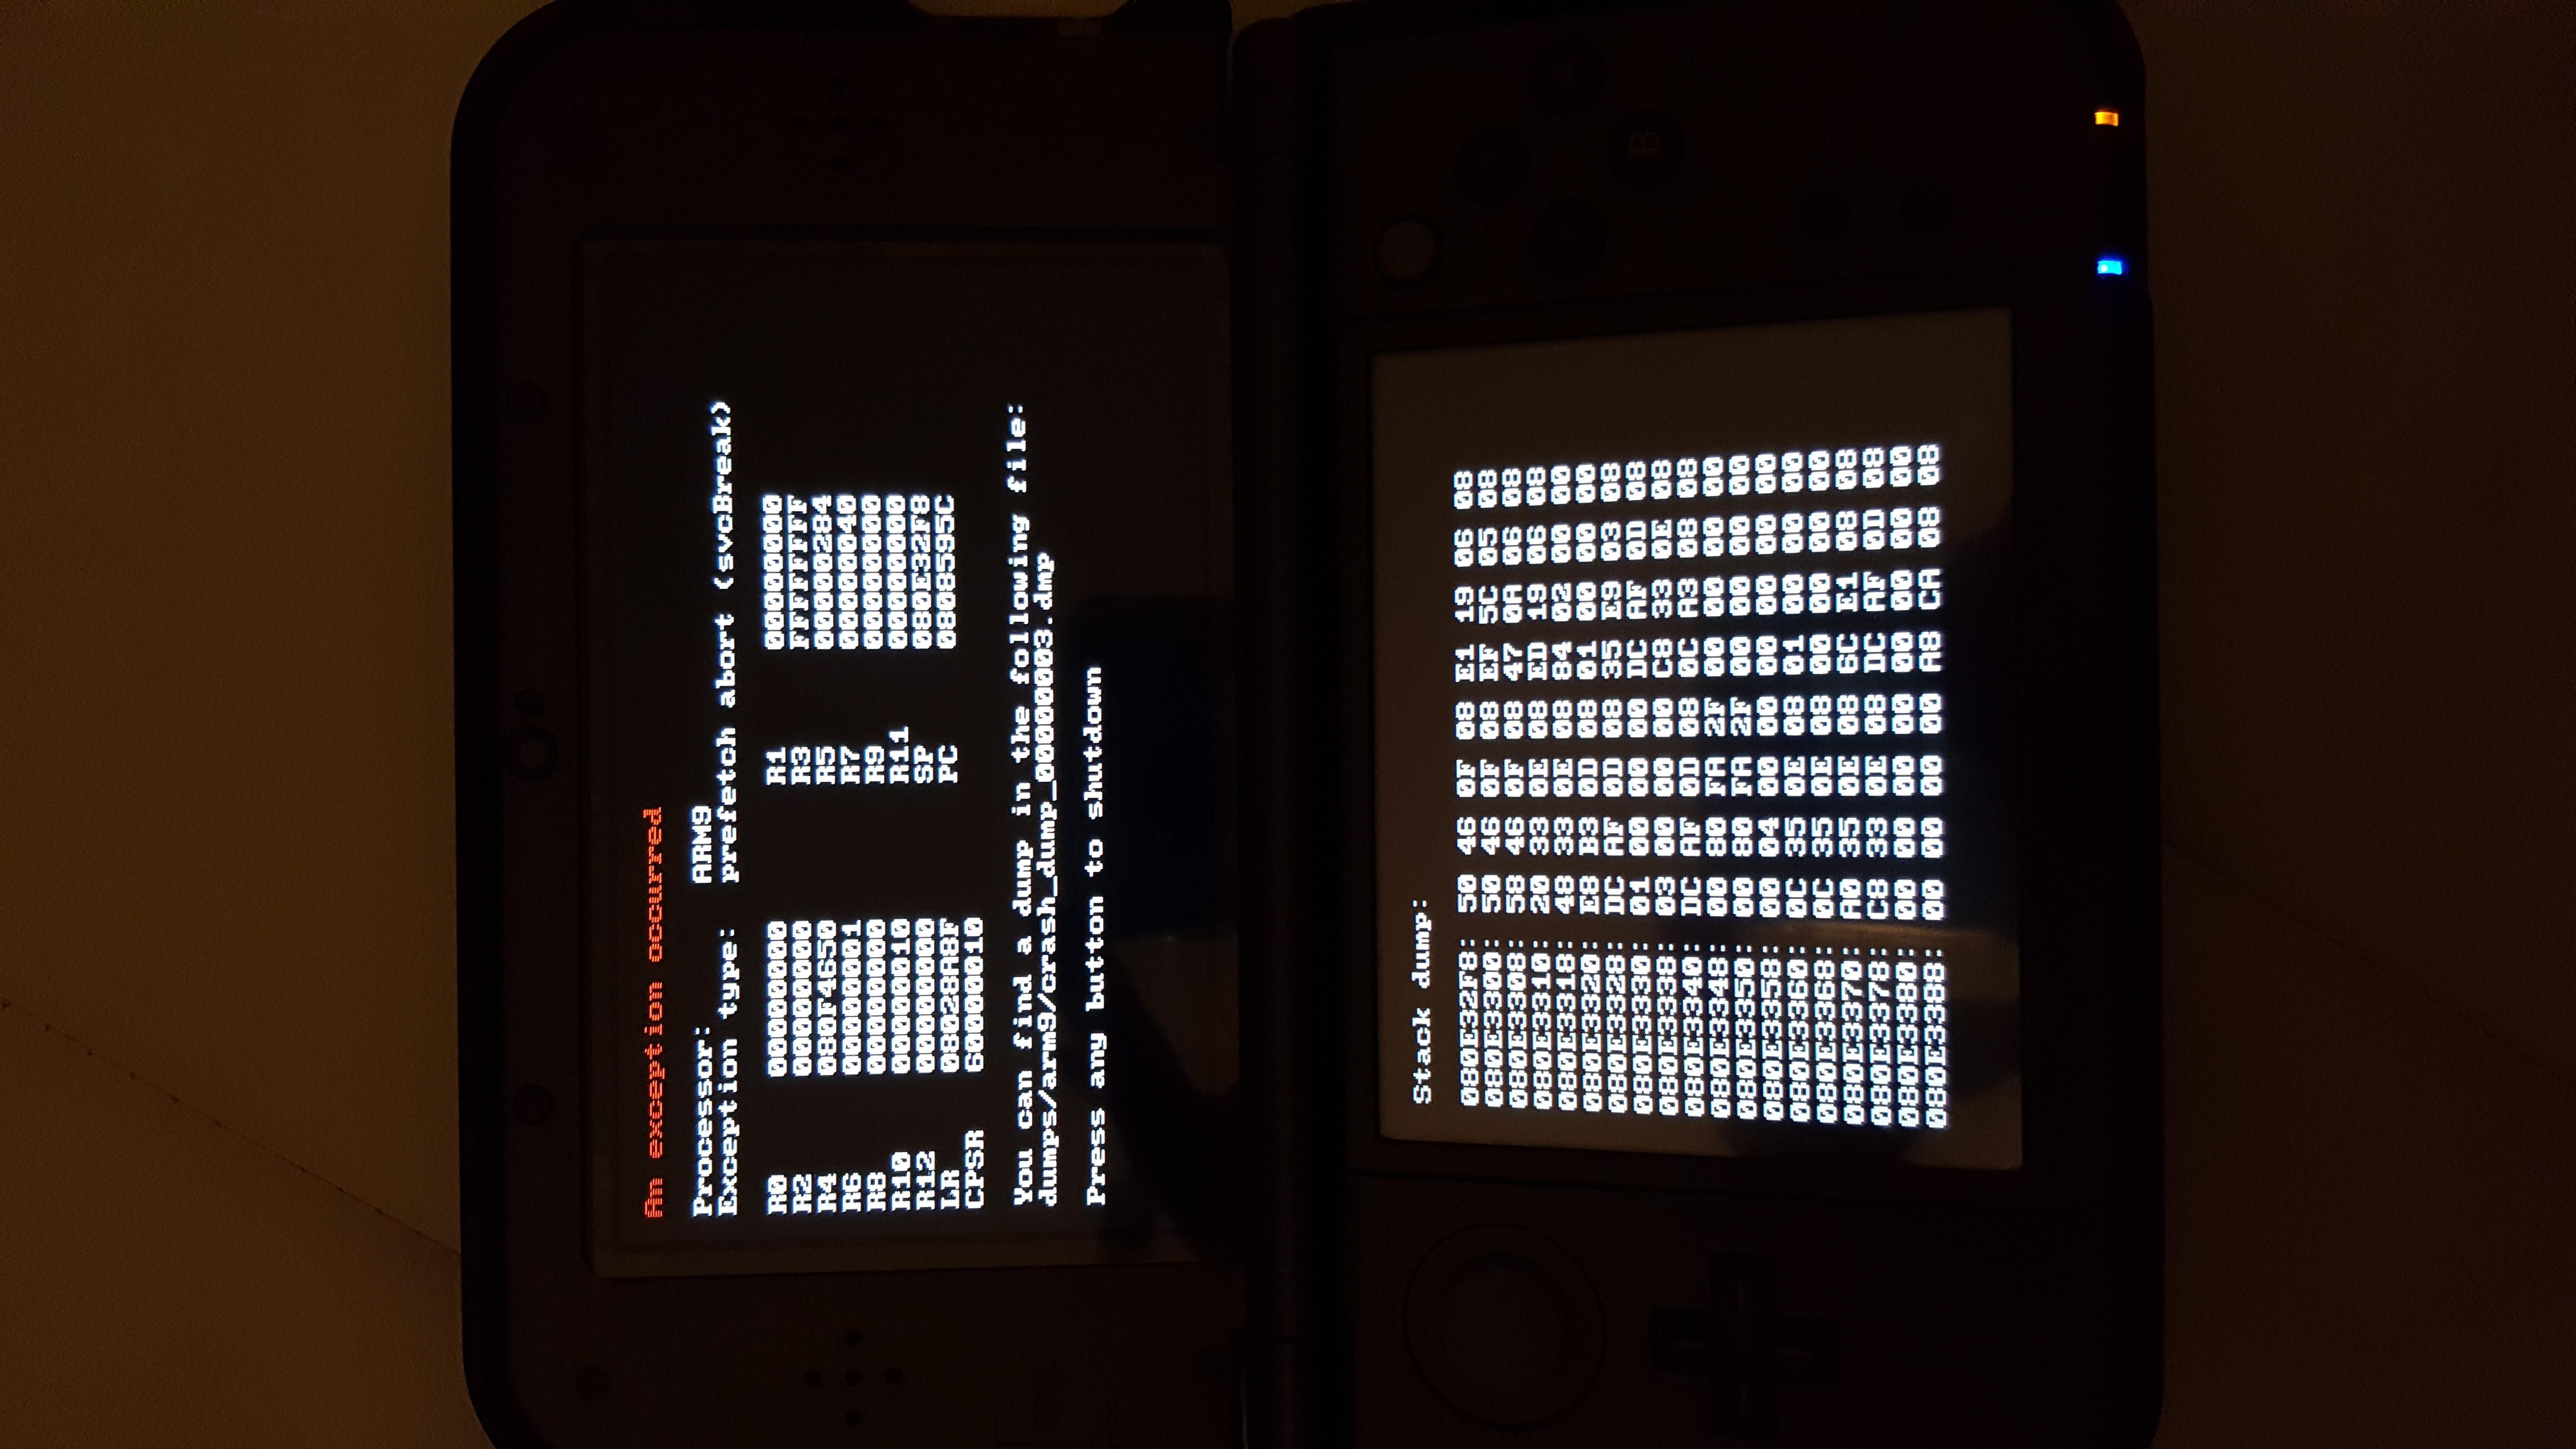 3ds hacks guide finalizing setup